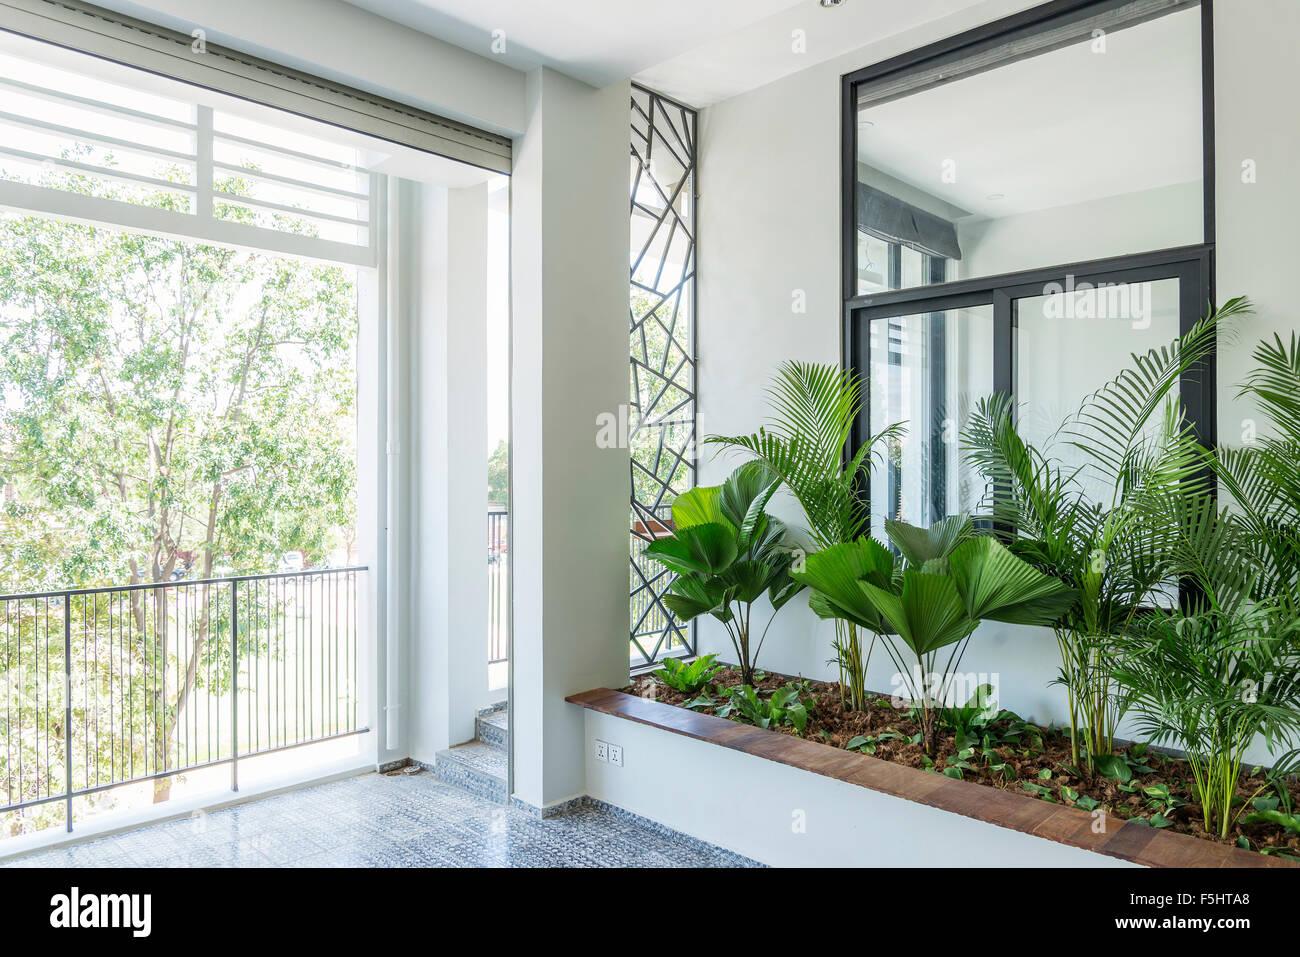 Diseño interior moderno balcón plantas de jardín Imagen De Stock